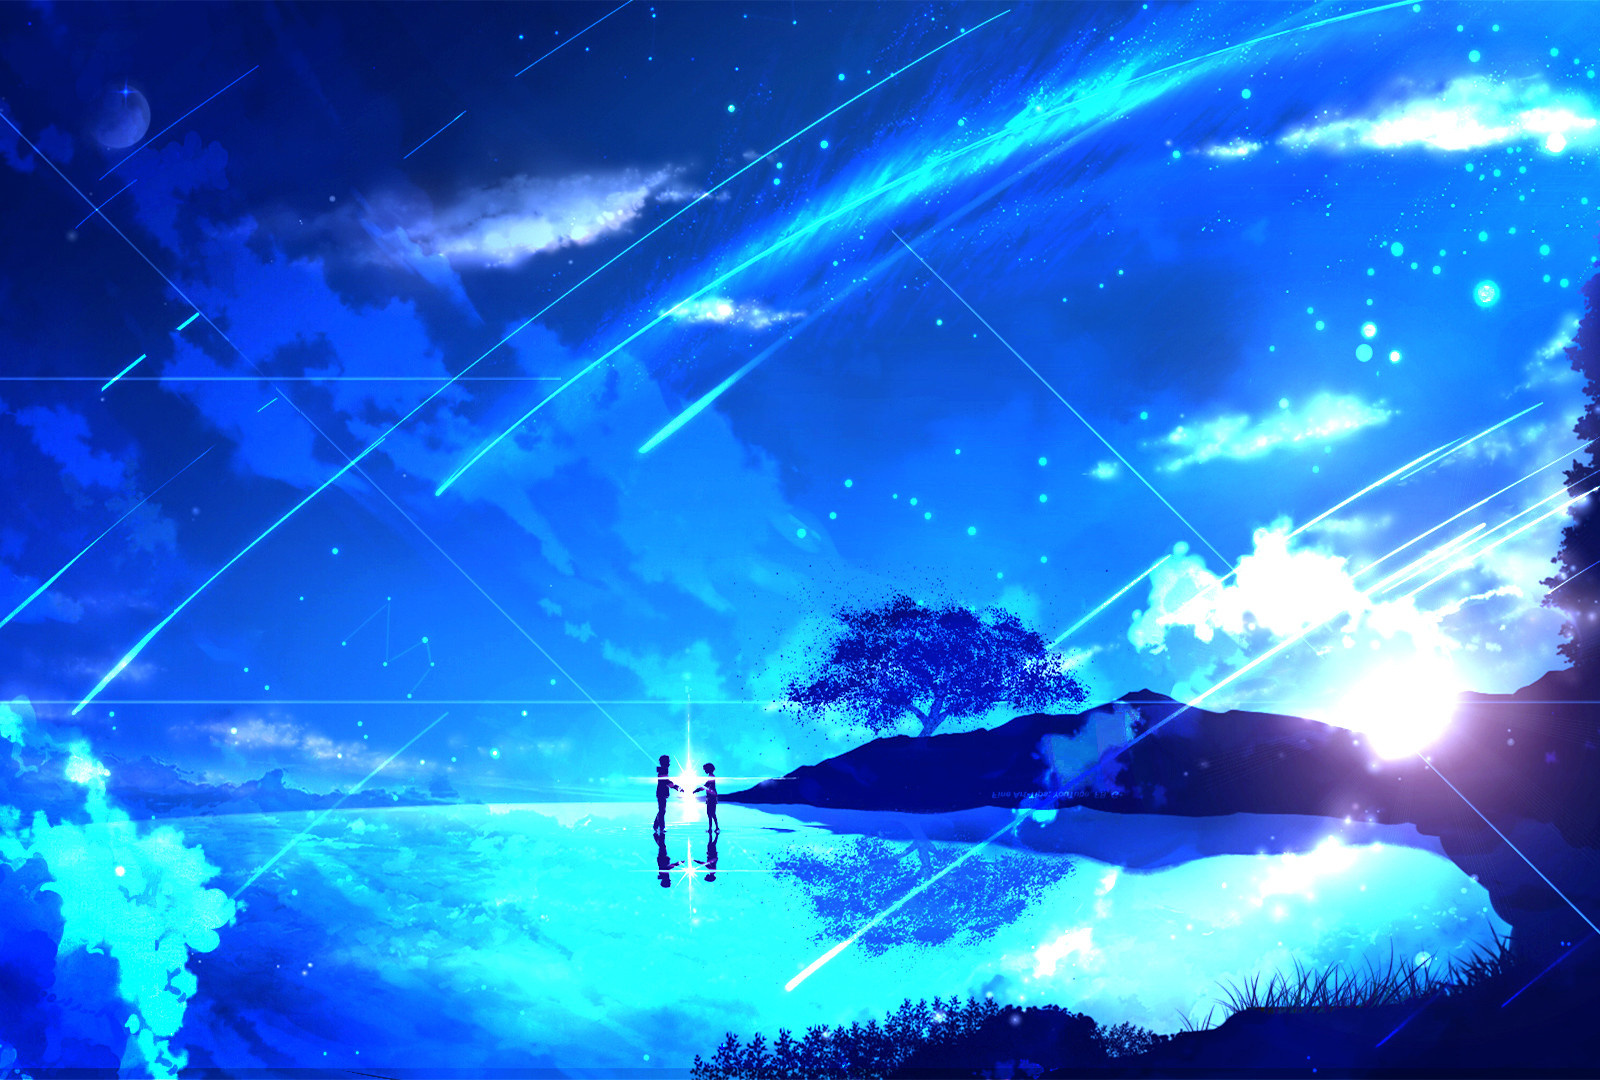 Wallpaper Couple Anime Girl Night Kimi No Na Wa Kimi No